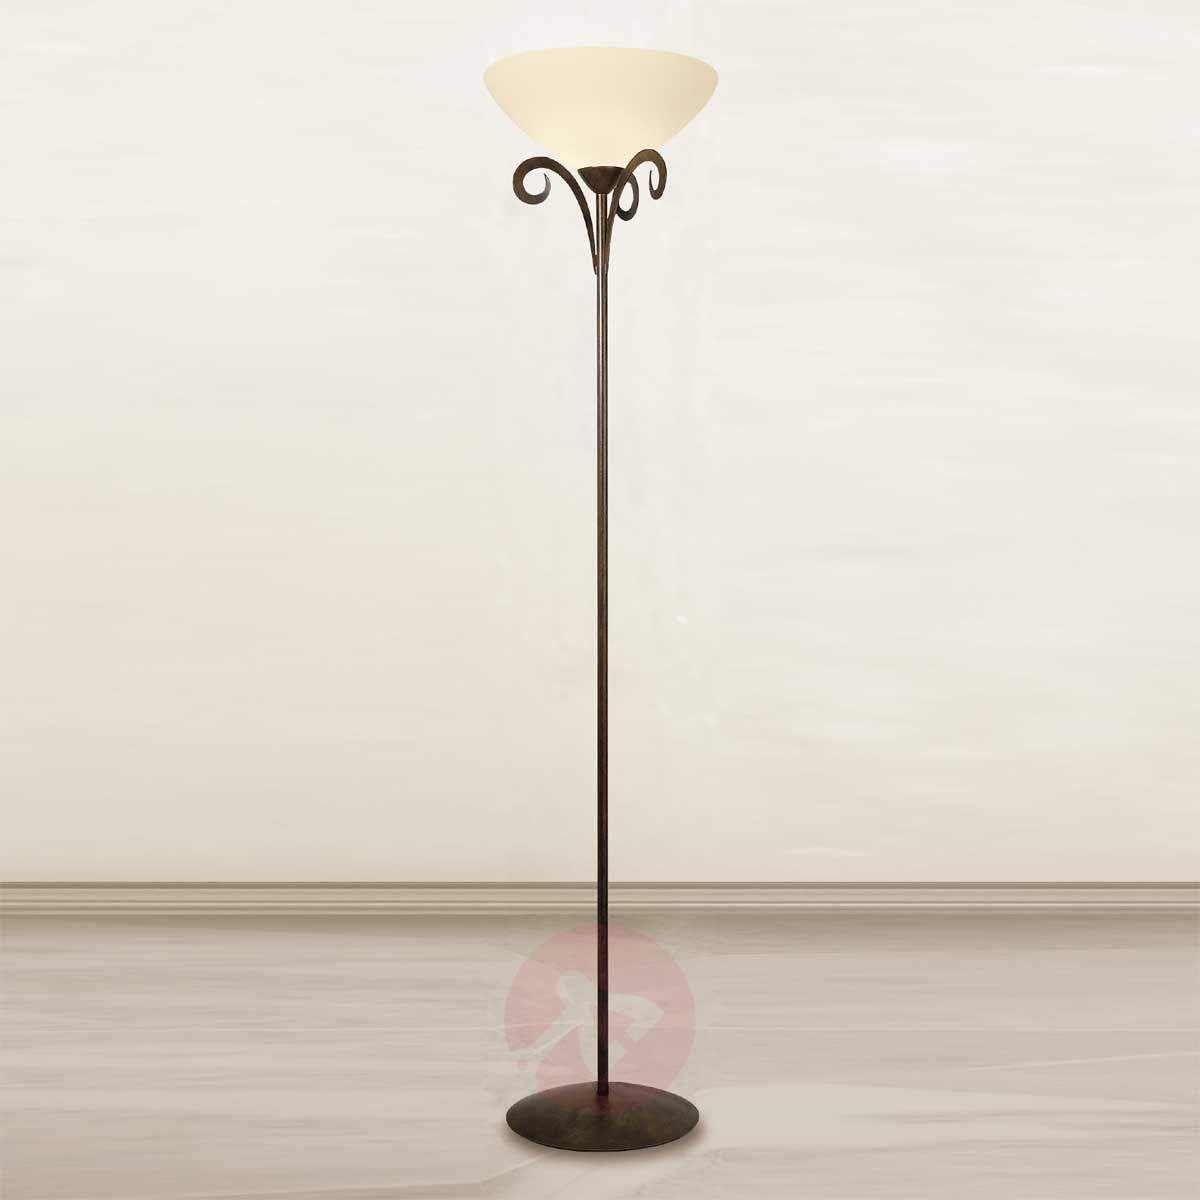 Lampa Stojąca Luca W Stylu Dworkowym Lampy Stojące W 2019